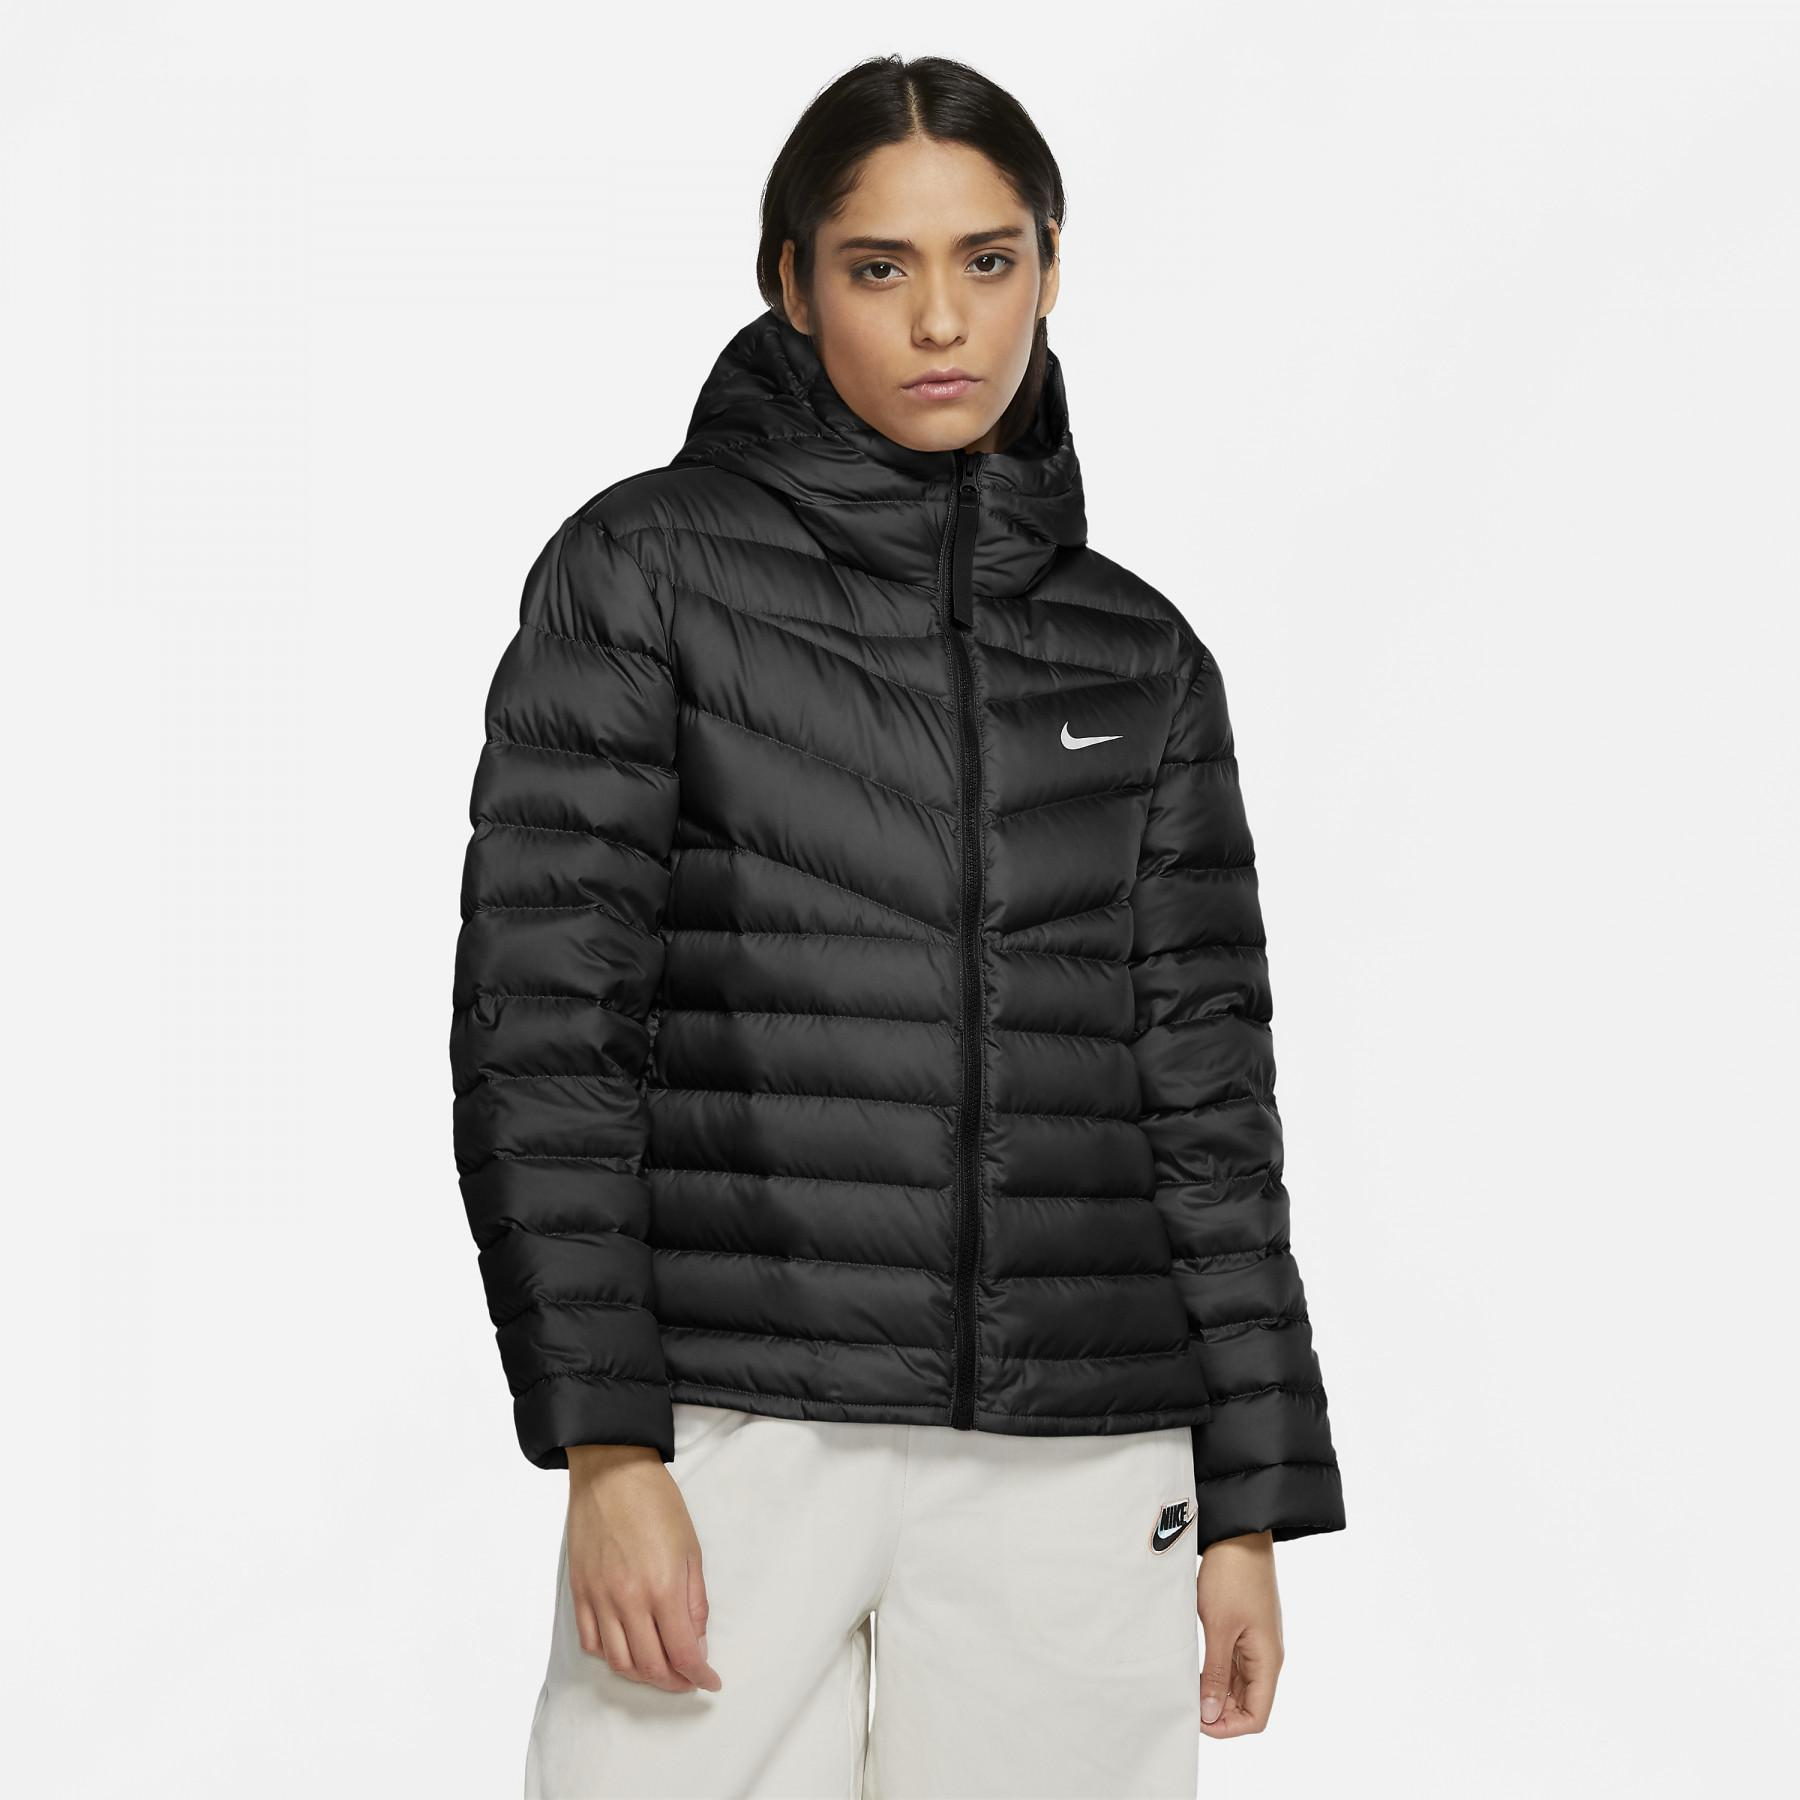 Women's down jacket Nike Sportswear Down-Fill